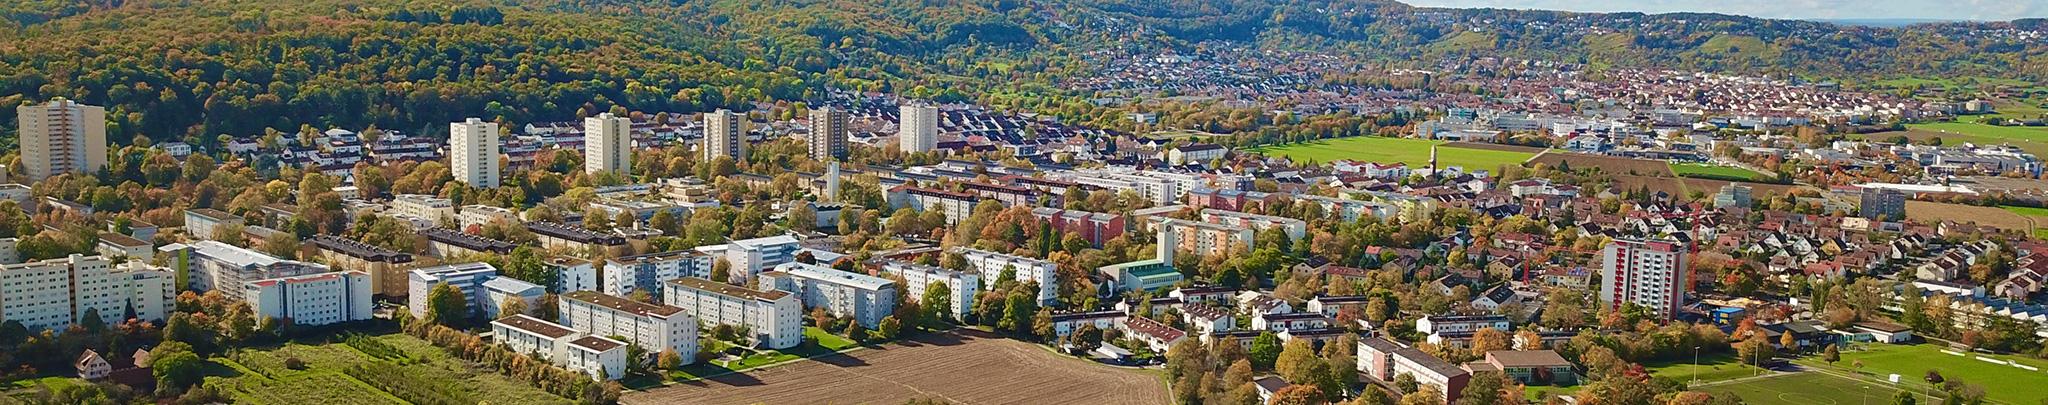 Luftbild Weilimdorf Giebel. Foto © Hans-Martin Goede